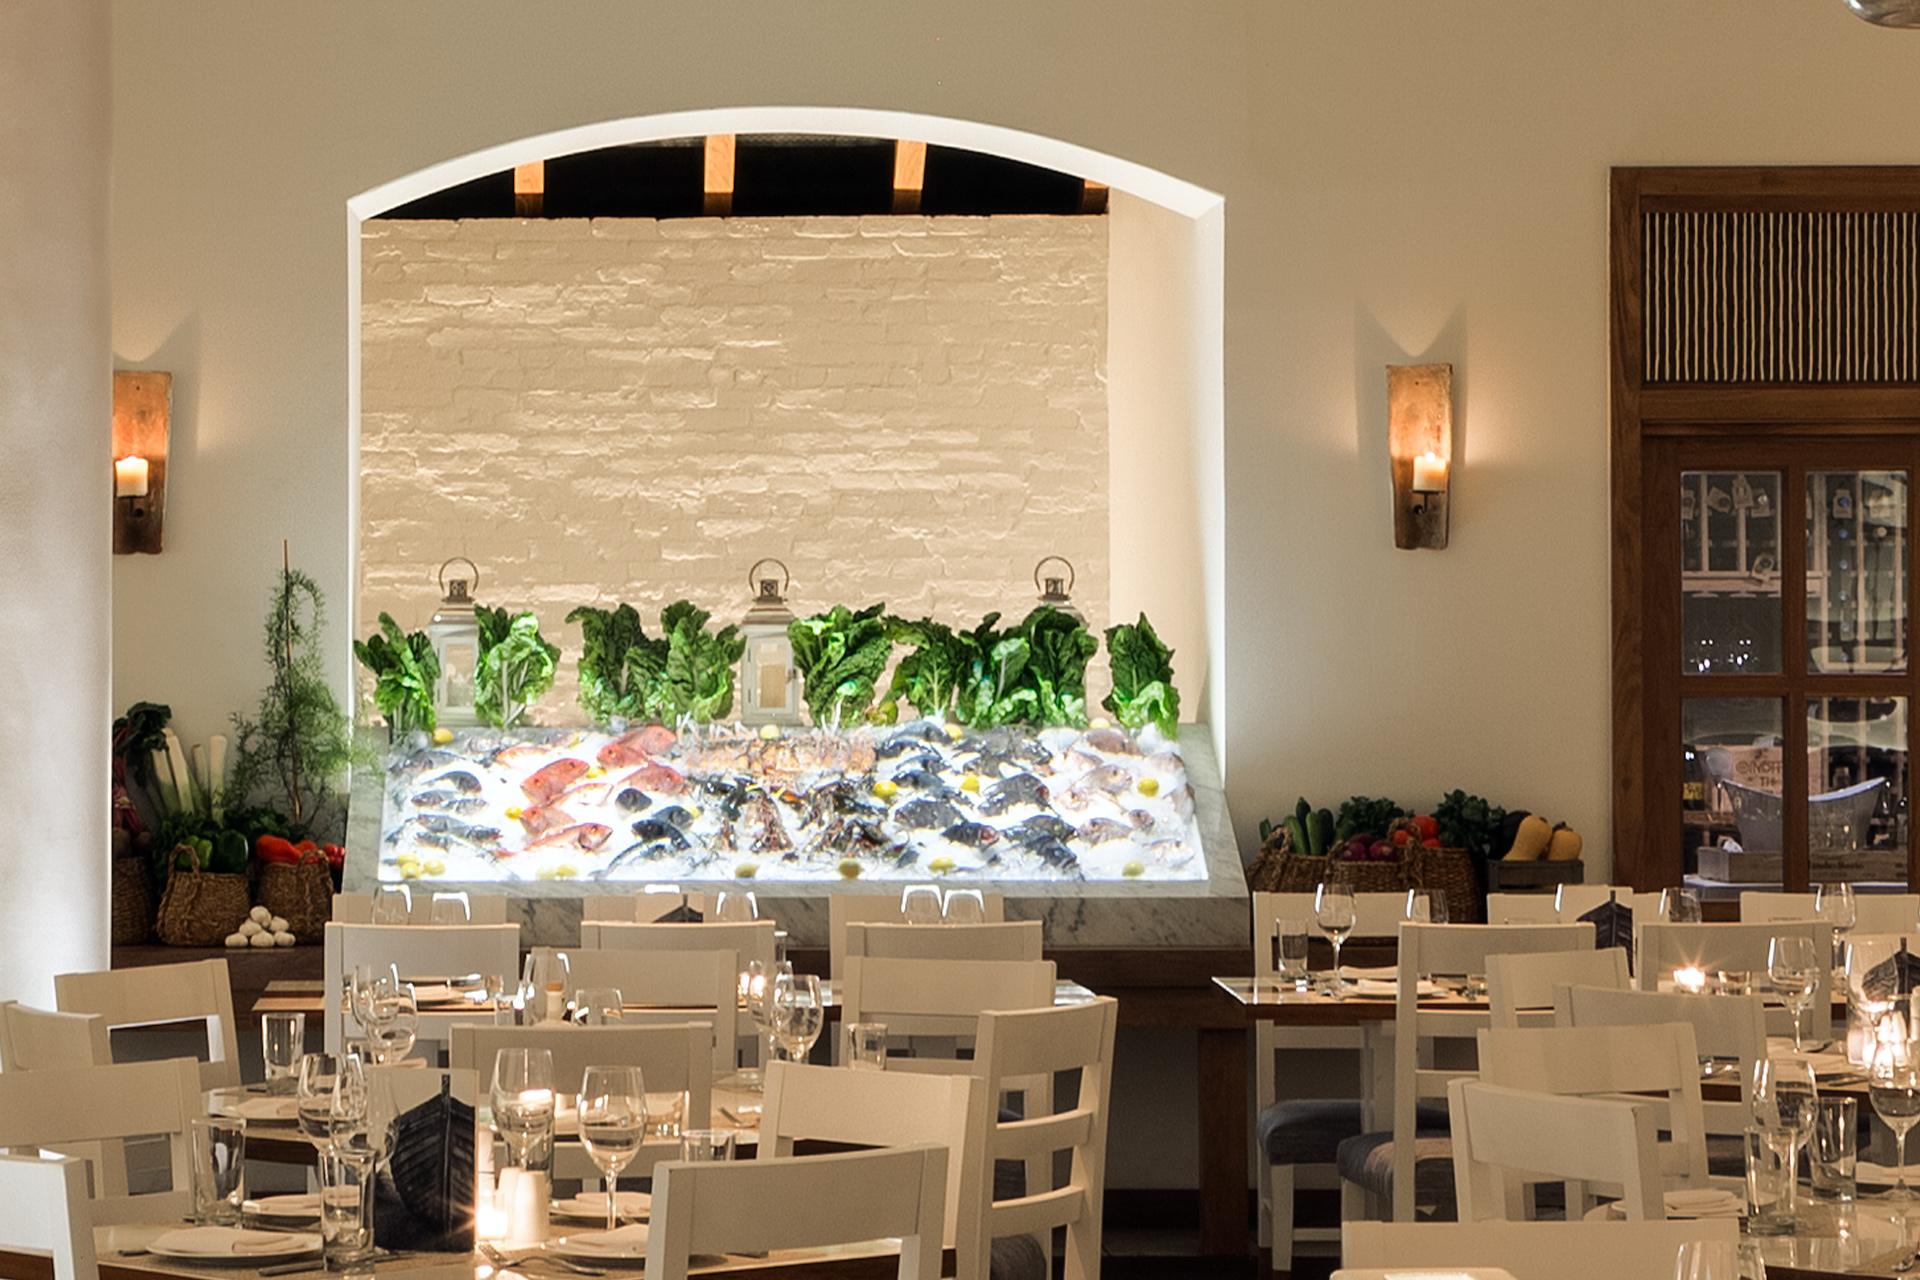 Kyma restaurant decor ideas